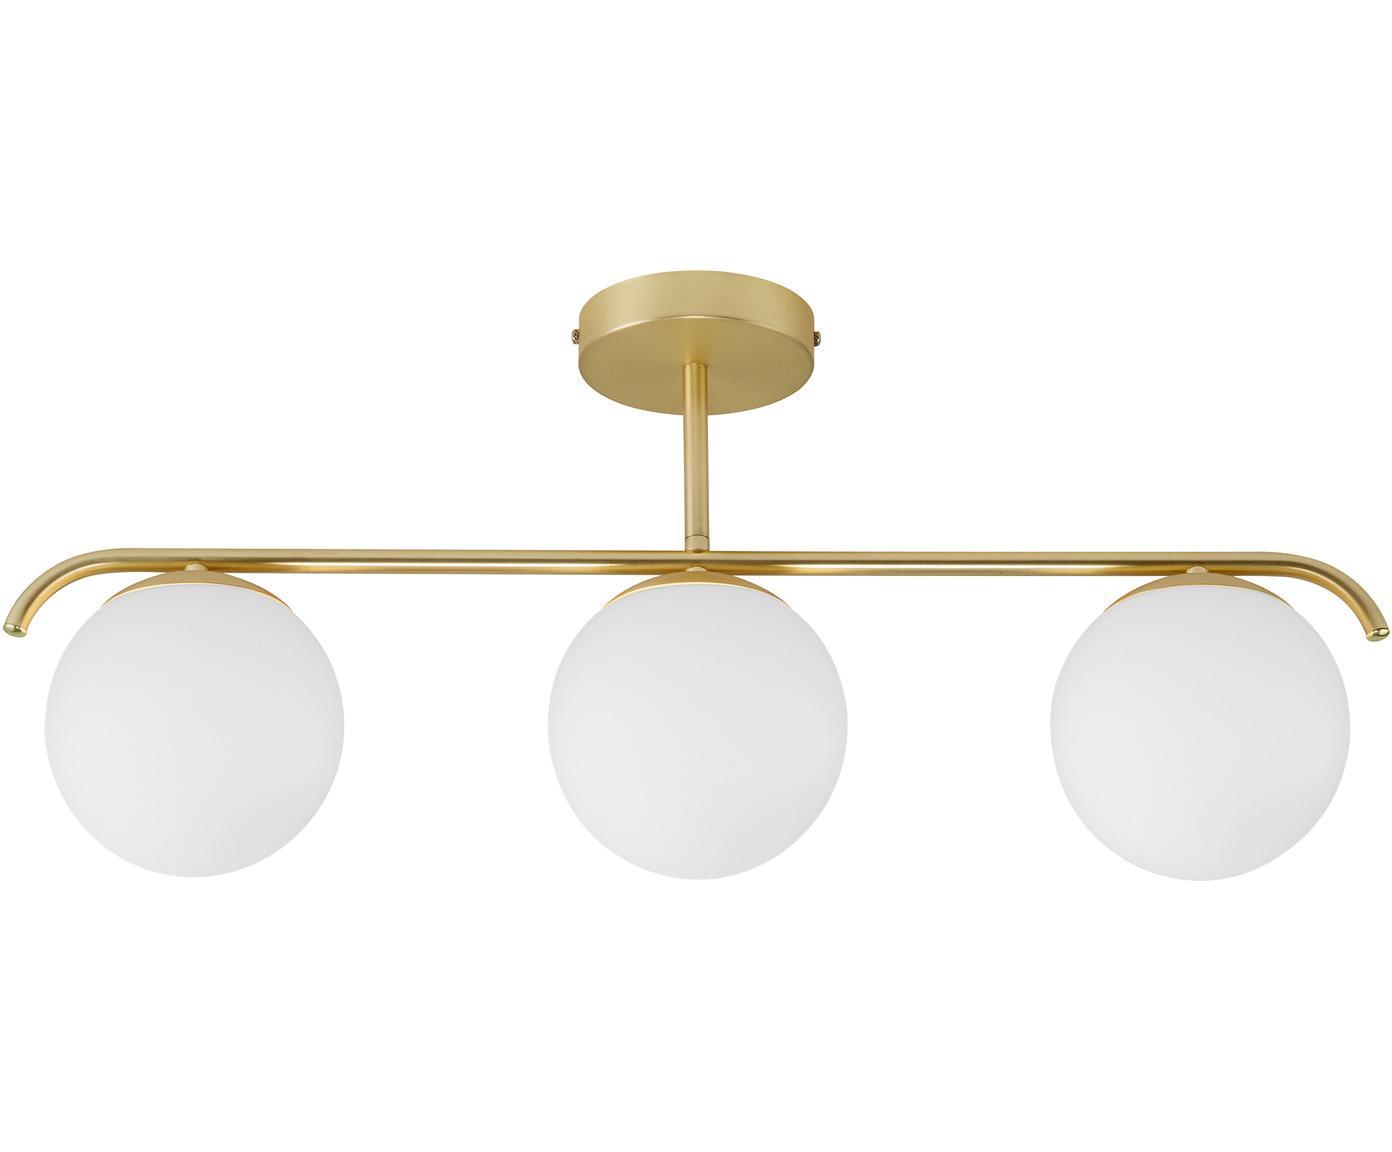 Deckenleuchte Grant aus Opalglas, Lampenschirm: Opalglas, Baldachin: Metall, beschichtet, Weiss, Gold, 70 x 30 cm